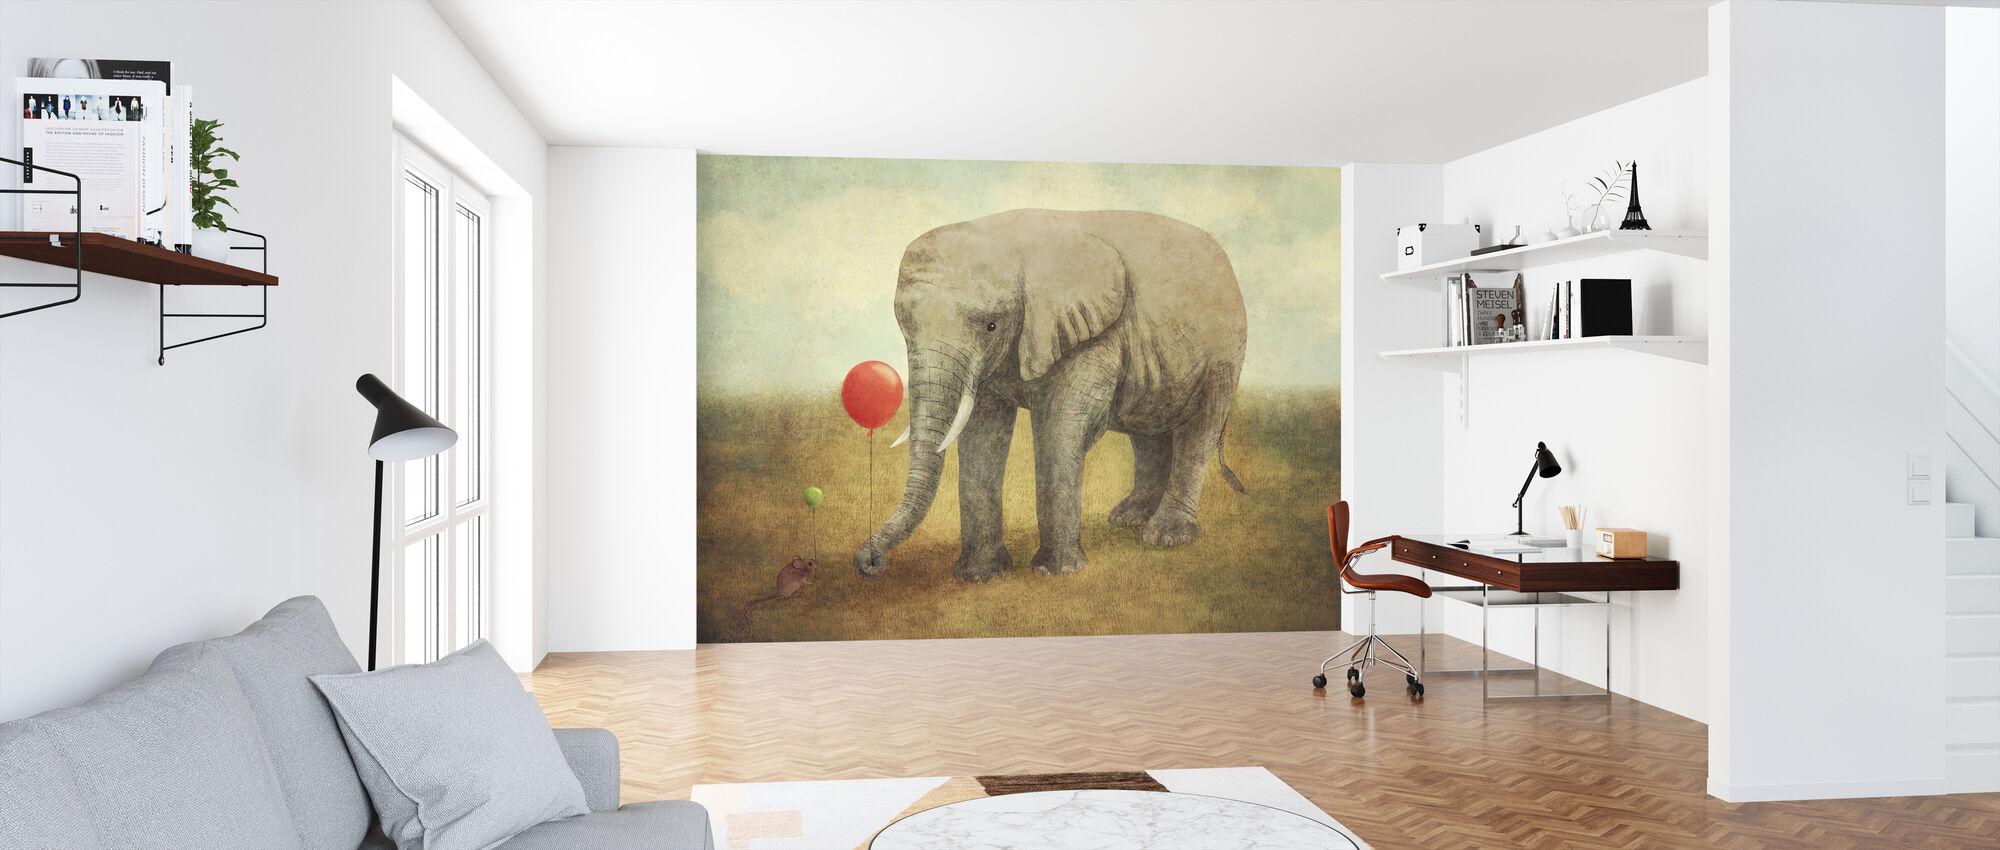 Truce - Wallpaper - Office